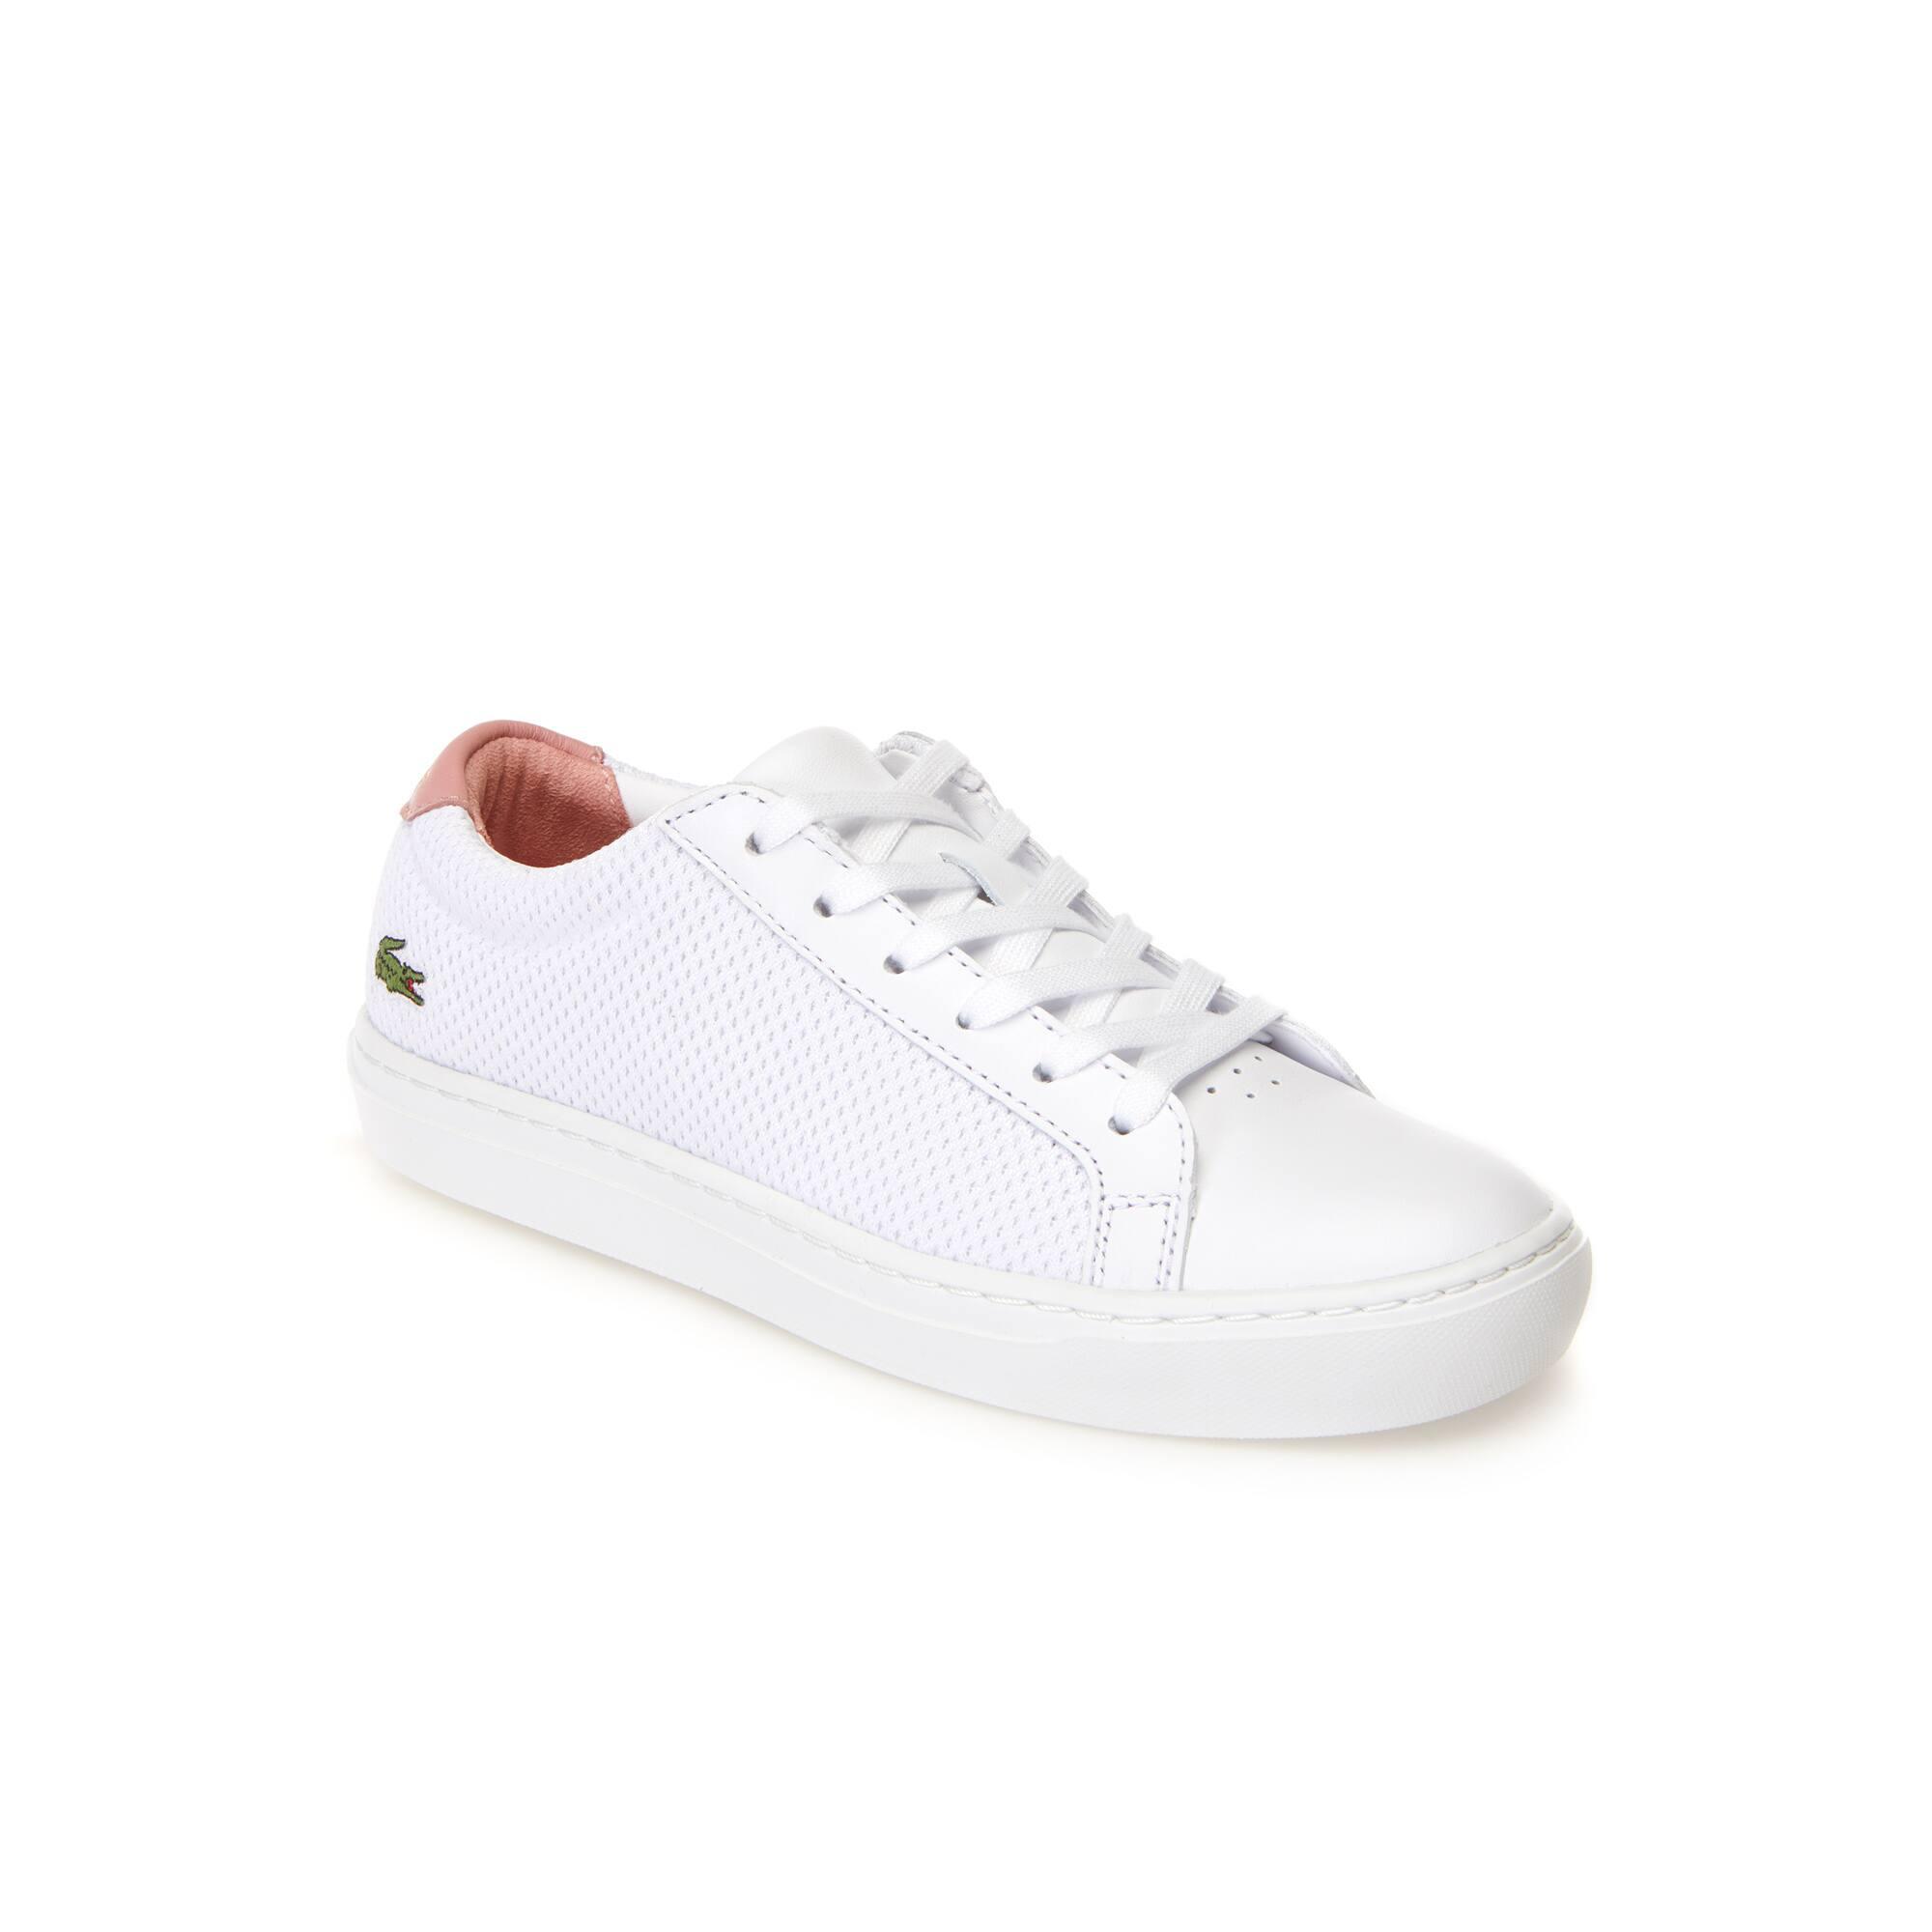 Damen L.12.12 Sneakers LIGHT-WT aus Textil und Leder